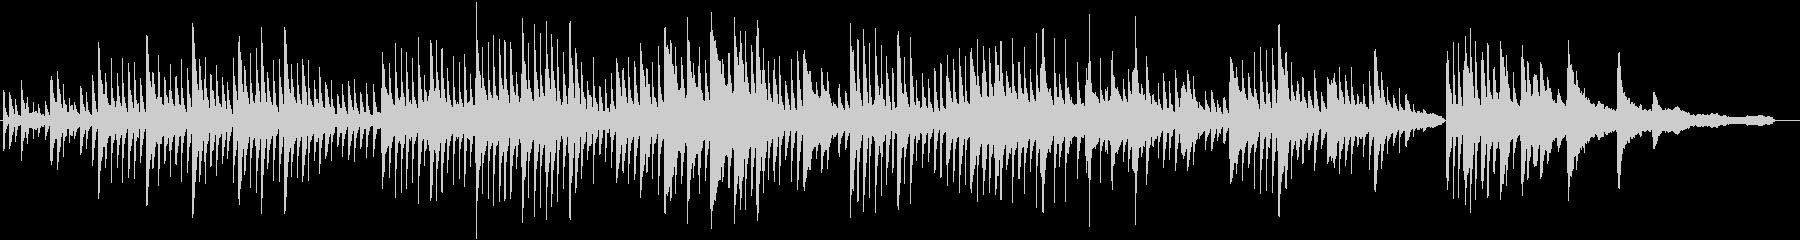 ヒーリングピアノ組曲 まどろみ 4の未再生の波形